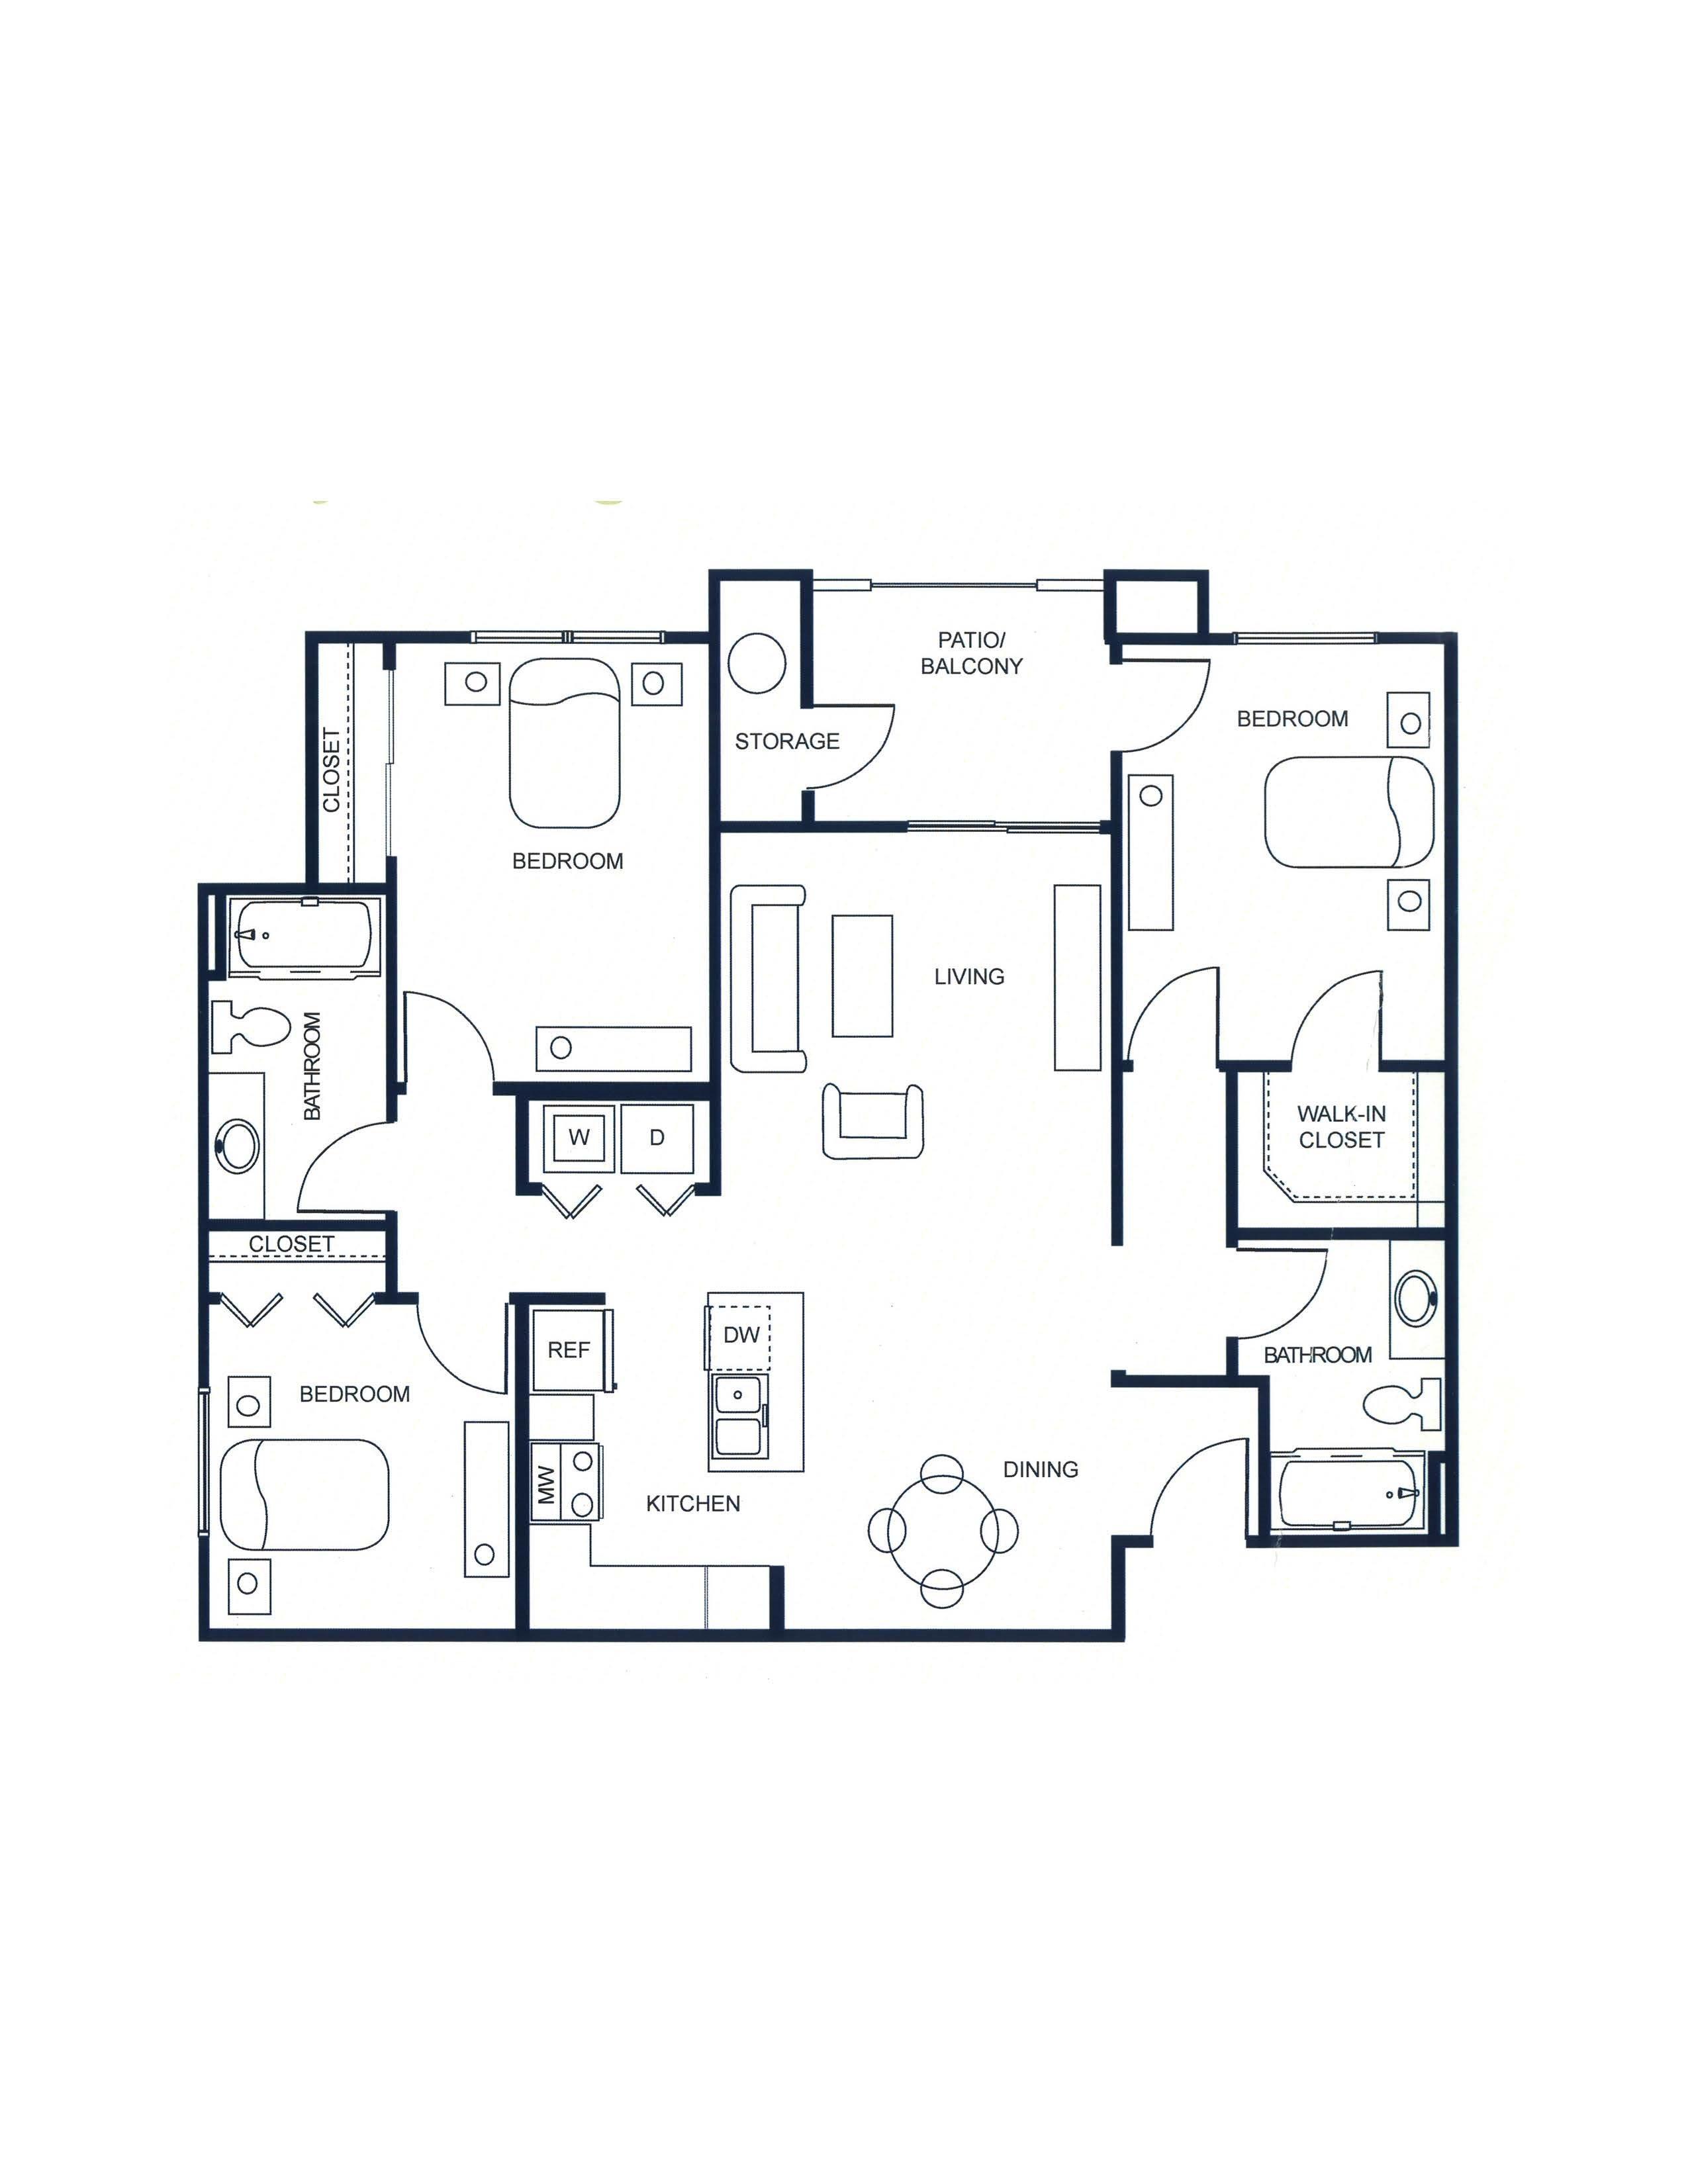 The Capitol - 3 Bedroom/2 Bath Floor Plan 5